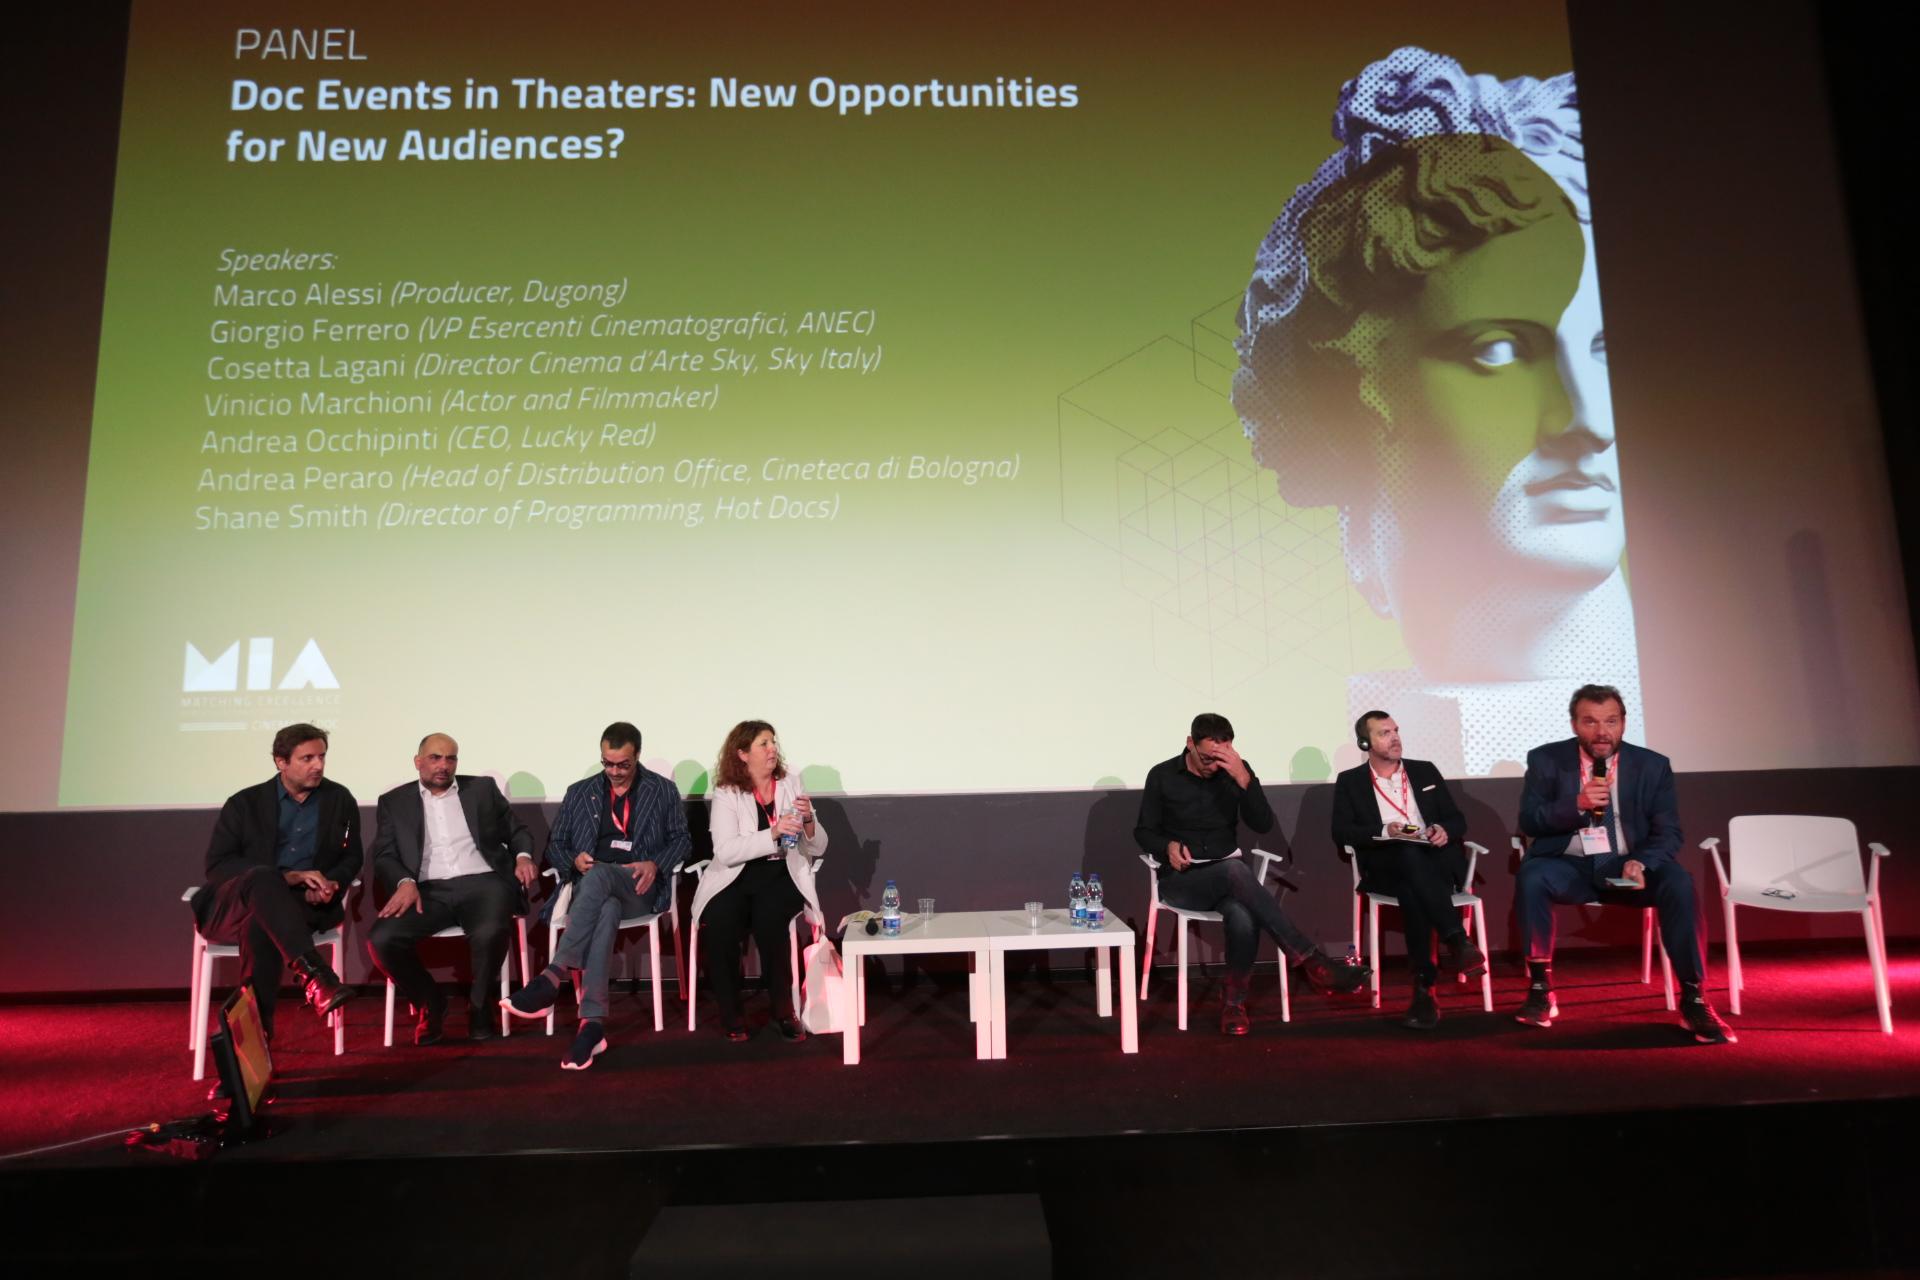 Marco Alessi, Giorgio Ferrero, Andrea Occhipinti, Cosetta Lagani, Andrea Peraro, Shane Smith, Marco Spagnoli